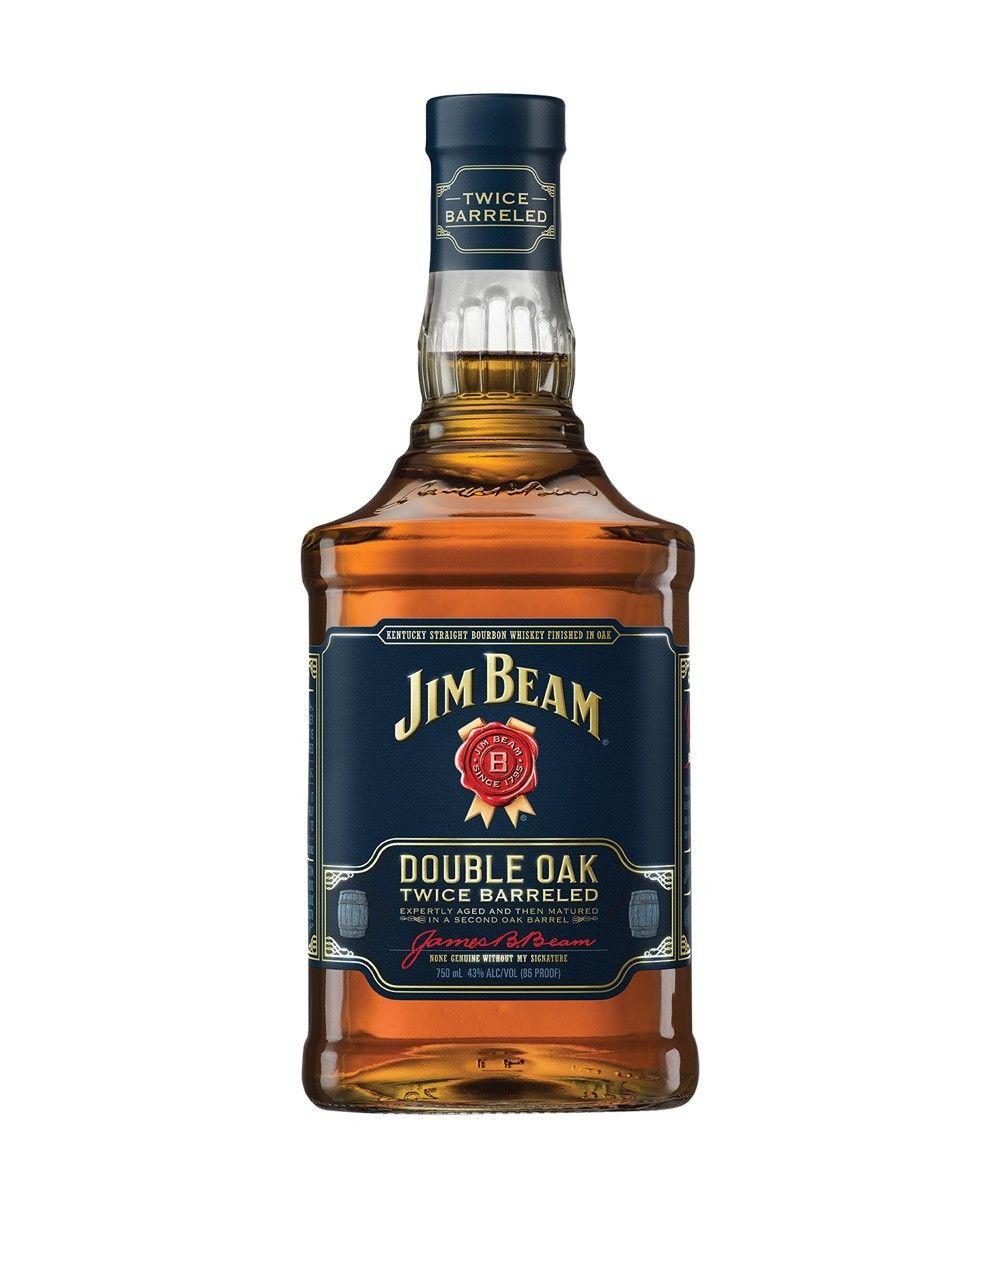 Jim Beam Double Oak Bourbon Whiskey Buy Online Or Send